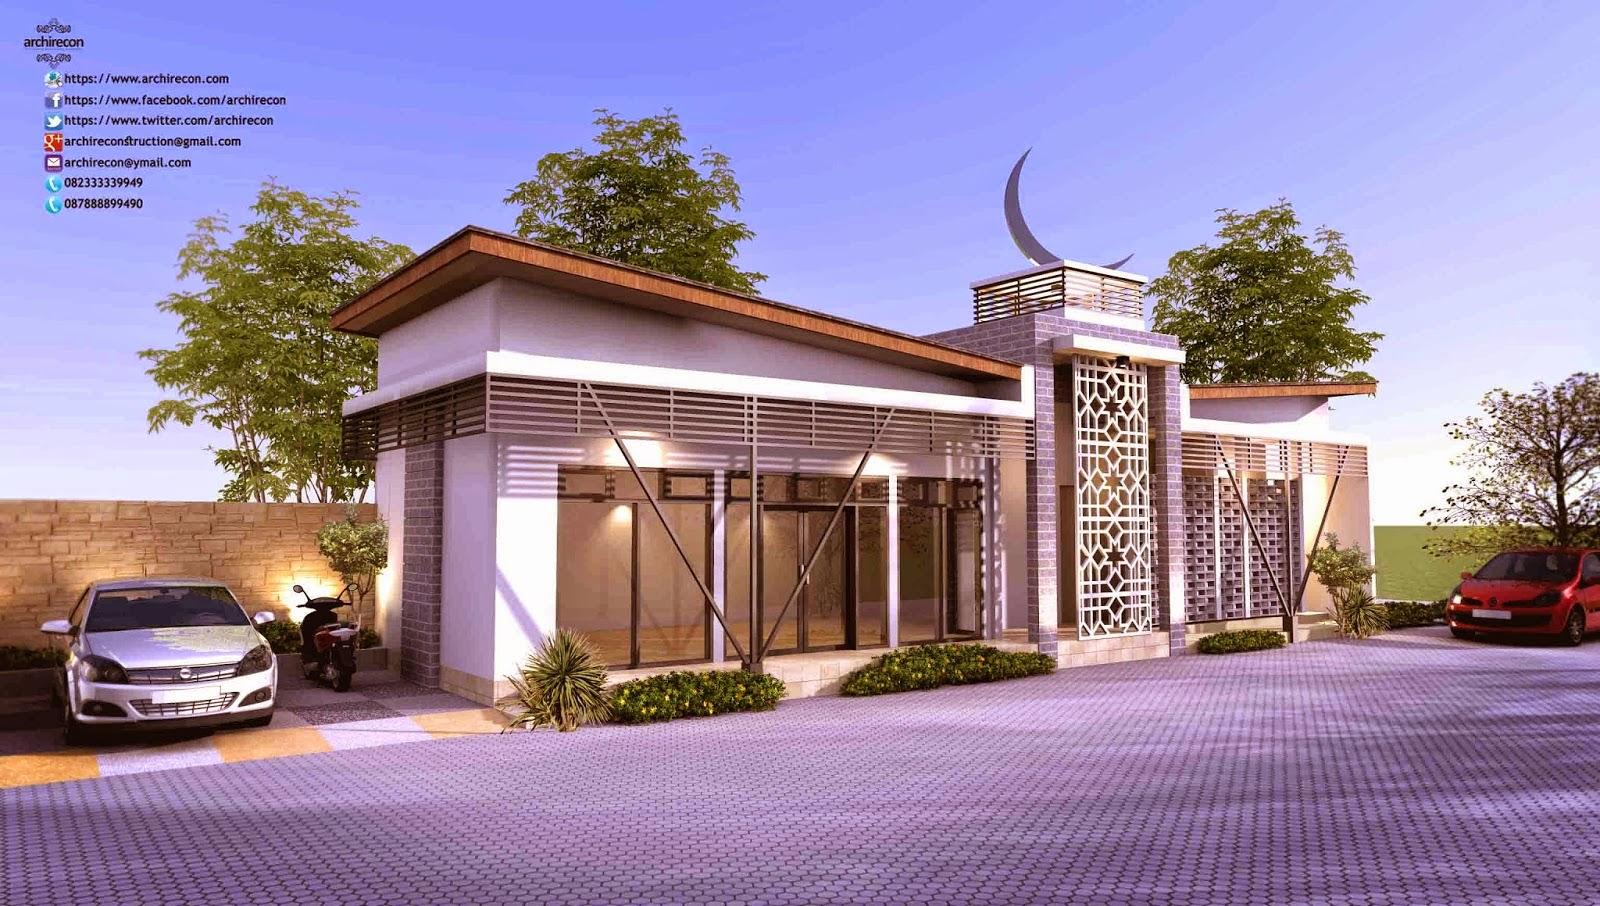 Gambar Rumah Mewah | 0823.3333.9949 | 0878.888.99490